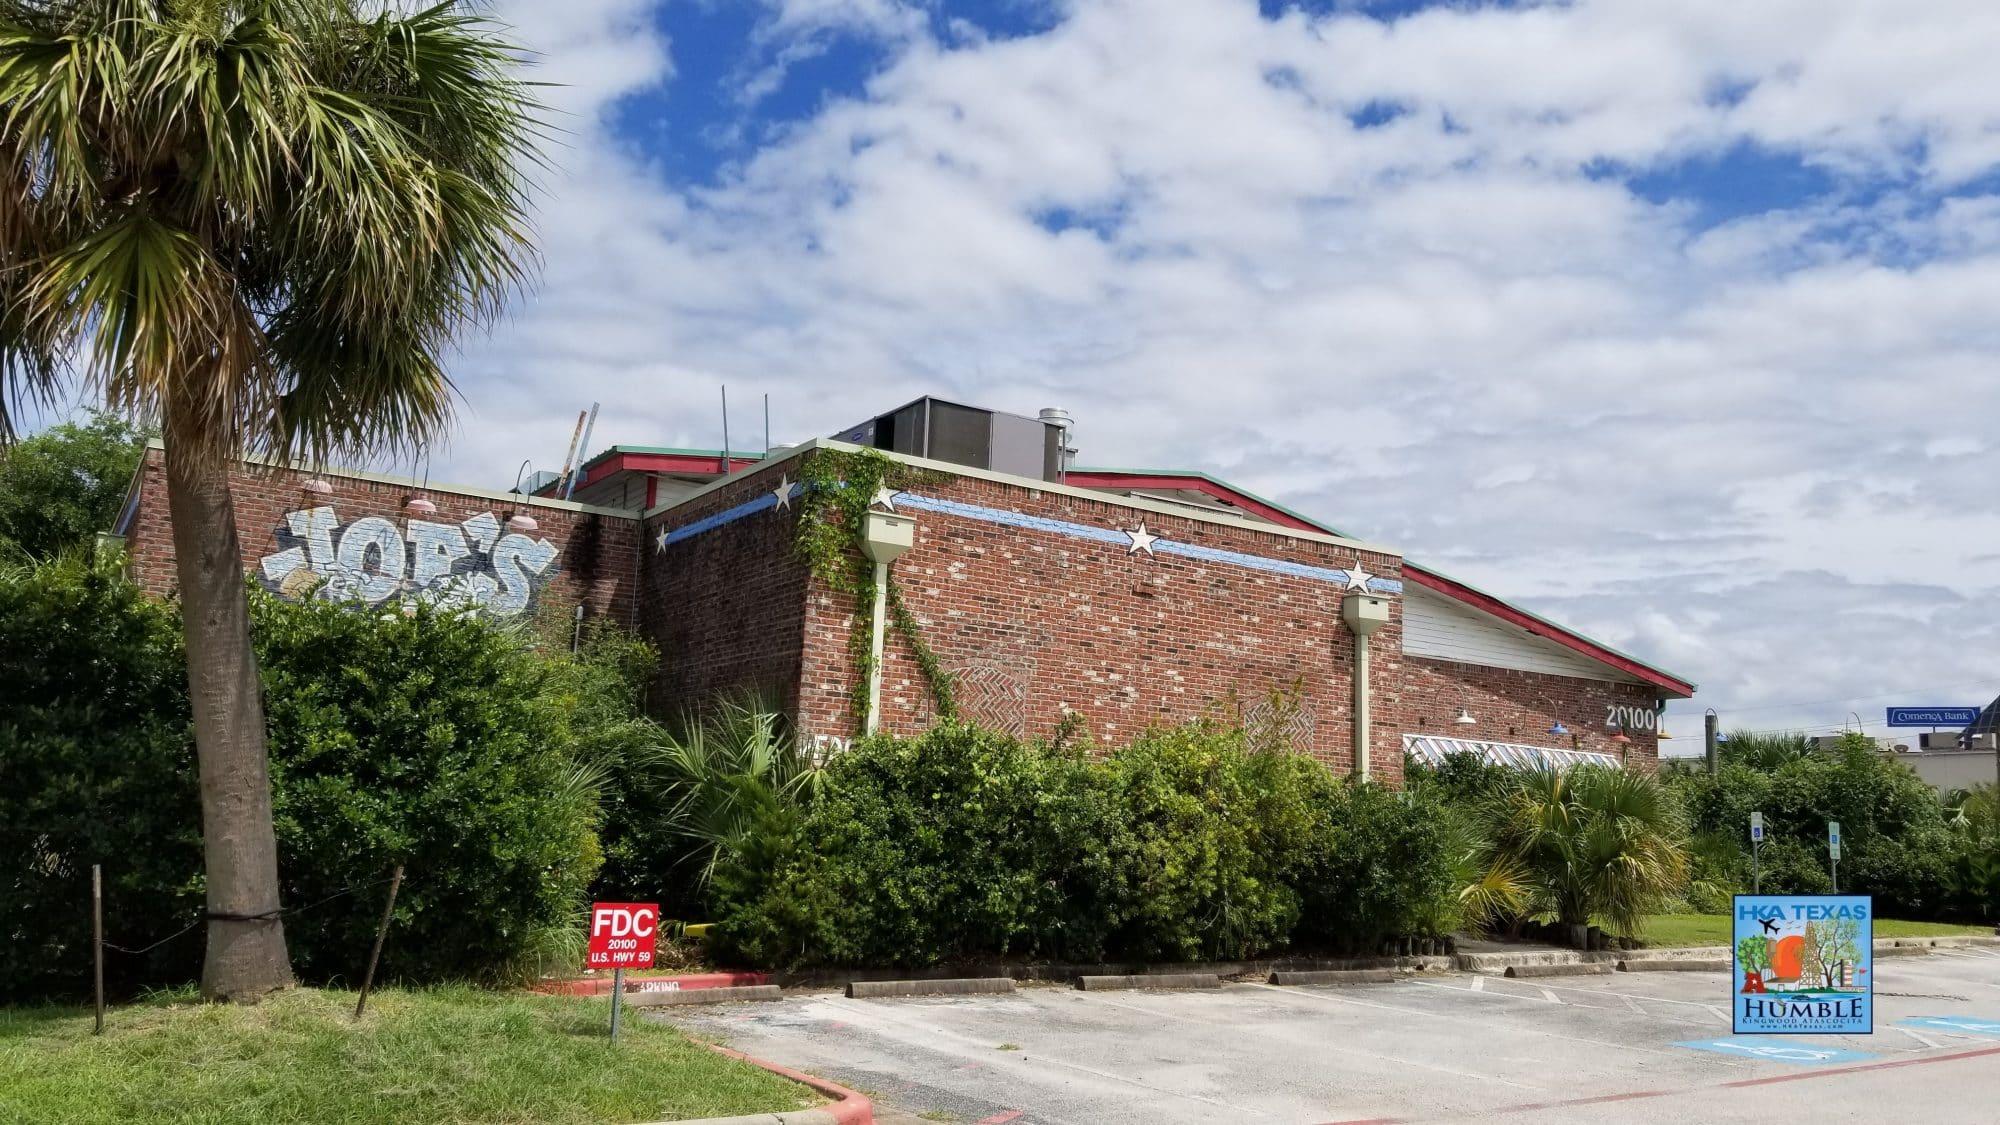 Joe's Crab shack - closed